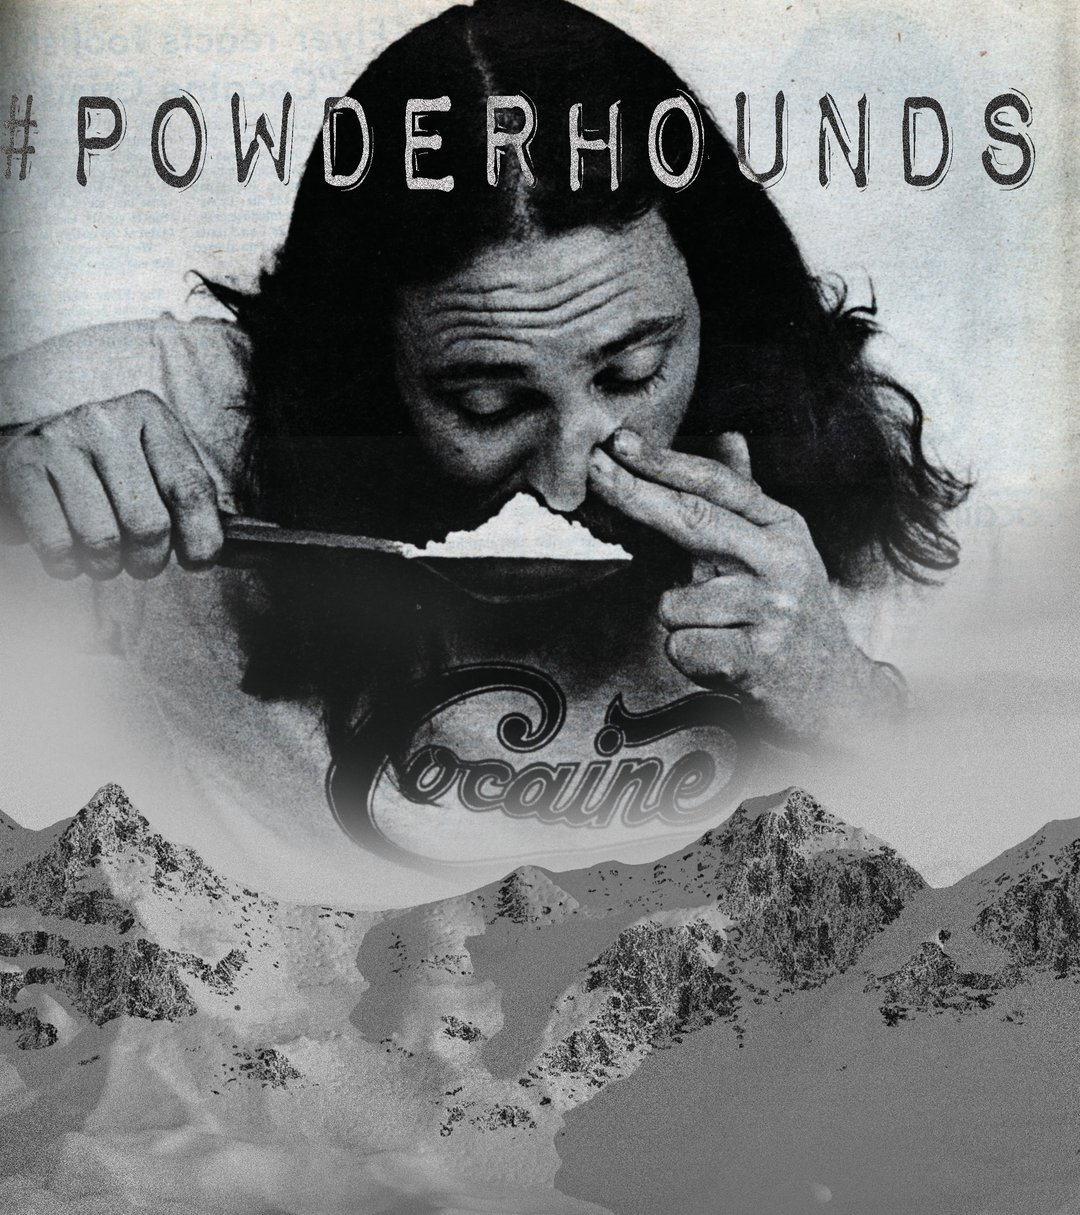 #powderhounds